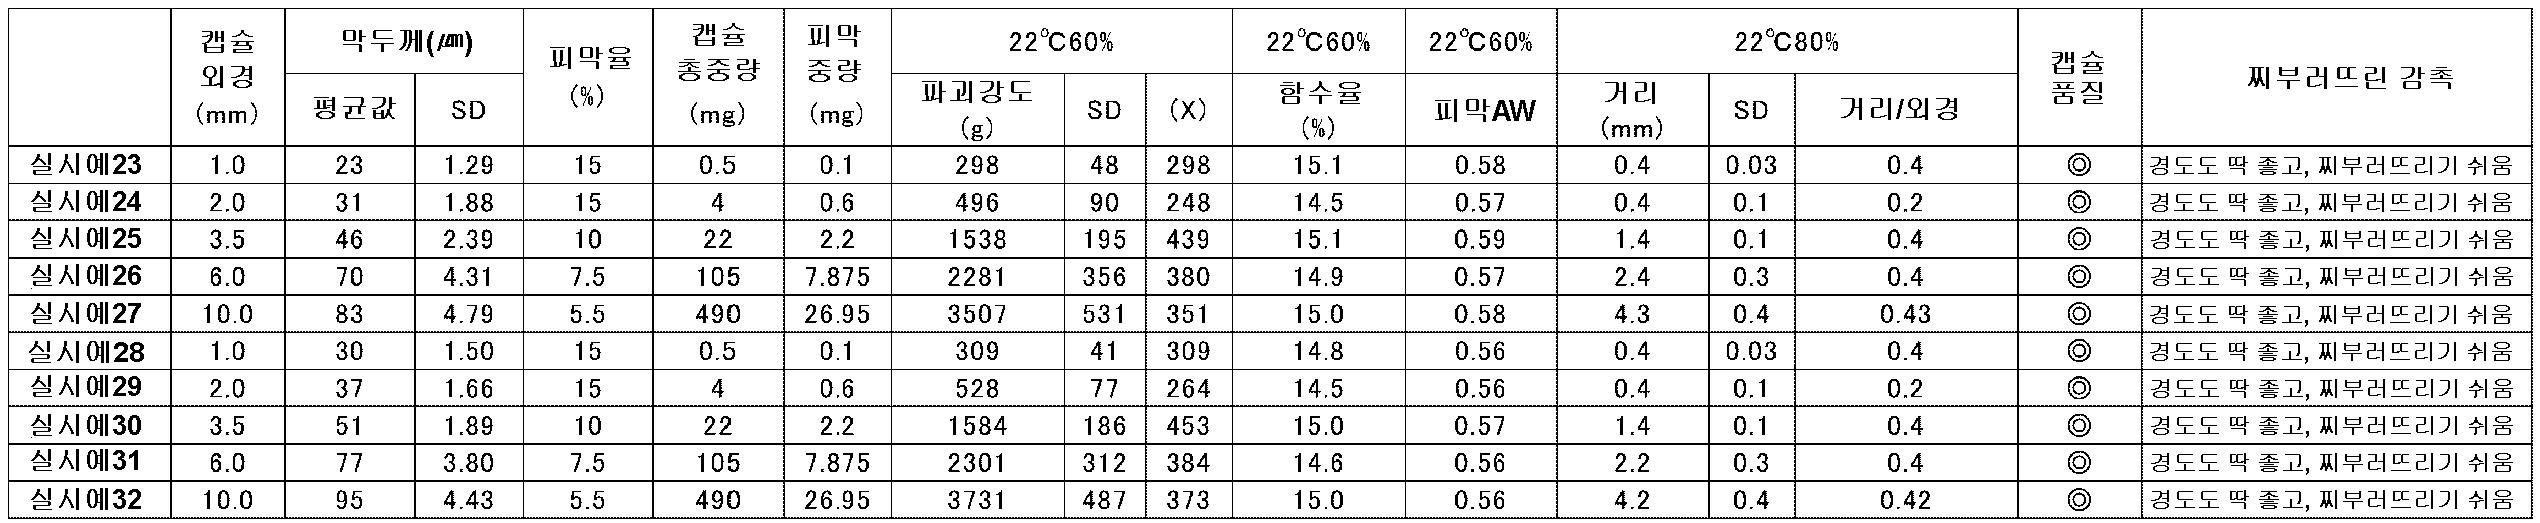 KS Tools 700.5650 Outil universel d/'/écarteur d/'articulation de direction